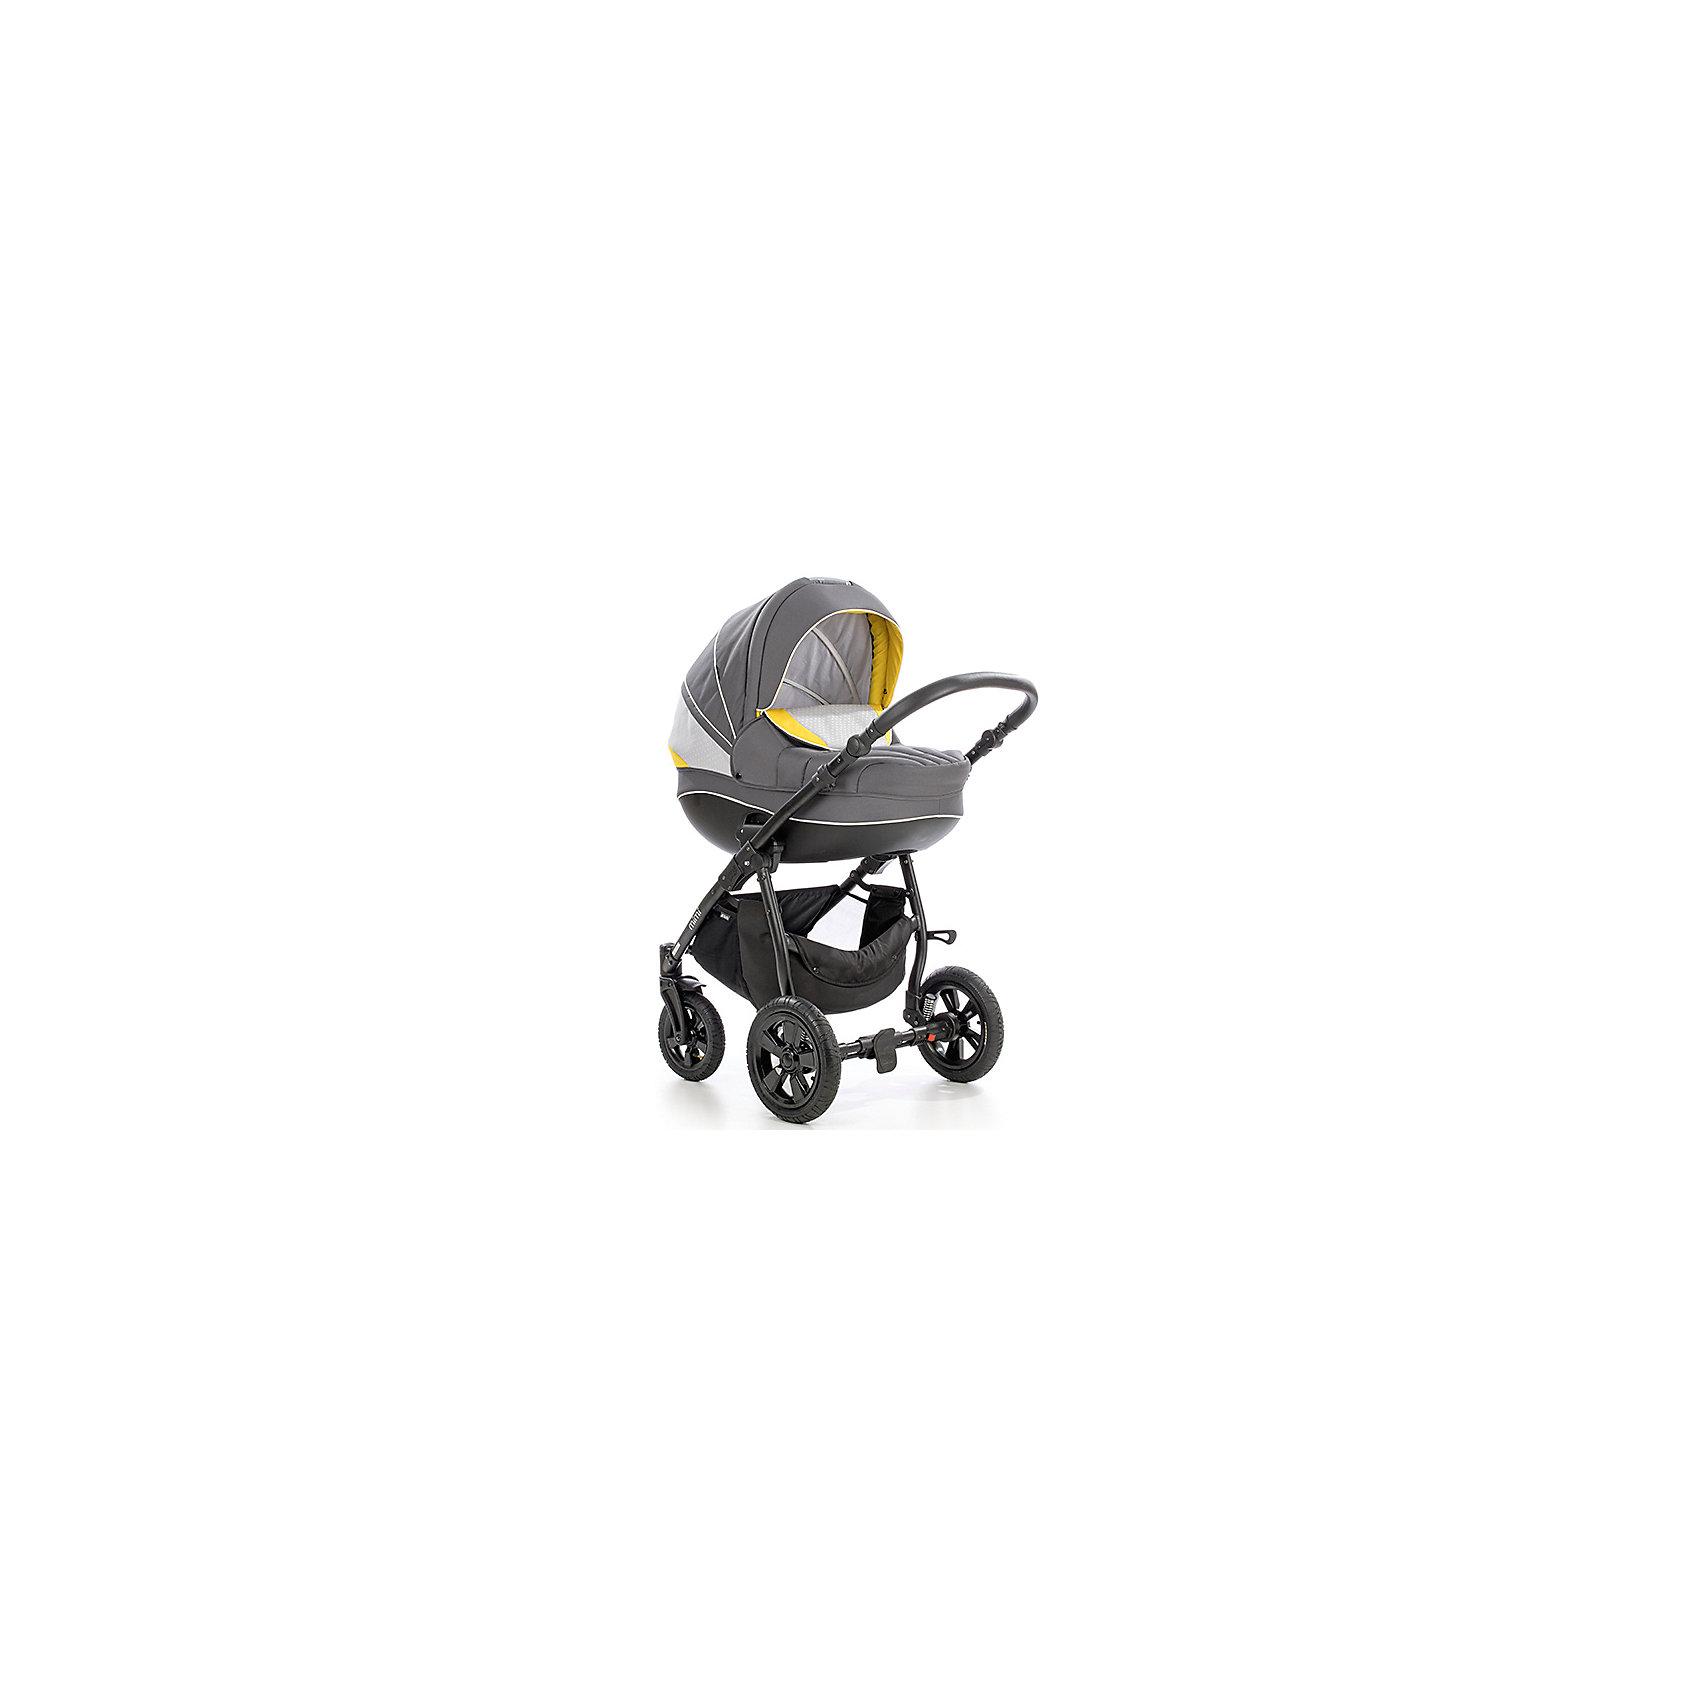 Коляска 2 в 1 MIMI Plus, Tutis, темно-серый/горчица/узорКоляска 2 в 1 MIMI Plus, Tutis, темно-серый/горчица/узор -это отличный и безопасный вариант для первых прогулок вашего малыша. Прогулочный блок устанавливается в двух направлениях. А с регулируемой спинкой вашему малышу будет ещё комфортнее и уютнее. Также регулируется и подножка по высоте. Для удобства родителям ручка регулируется по высоте, а передние колёса - поворотные, с  возможностью и фиксации. Для изготовления коляски используется специально сотканная прочная, но нежная хлопчатобумажная ткань, а особая технология SILVER PLUS обеспечивает дополнительную защиту от микробов и аллергенов.<br>  Общая характеристика:<br>-Цвет:  темно-серый/горчица/узор <br>-Вес: 4,95 кг - люлька<br>          5,25 кг - прогулочный блок<br>-Размер: 89 х 60 х 38 см (Ш х Д х В)<br>-Складывается книжкой<br>-Капюшон с панорамным окошком<br>-Пятиточечные ремни безопасности<br>-Два чехла на ноги( на люльки, на прогулочный блок)<br>-Дождевик<br>-Противомоскитная сетка<br>-Подвесная сумка<br><br>Дополнительная информация:<br>-Бренд: Tutis(тутис) Литва<br><br>Коляску 2 в 1 MIMI Plus, Tutis, темно-серый/горчица/узор вы можете приобрести в нашем интернет- магазине.<br><br>Ширина мм: 890<br>Глубина мм: 600<br>Высота мм: 380<br>Вес г: 22400<br>Возраст от месяцев: 0<br>Возраст до месяцев: 36<br>Пол: Унисекс<br>Возраст: Детский<br>SKU: 5012362